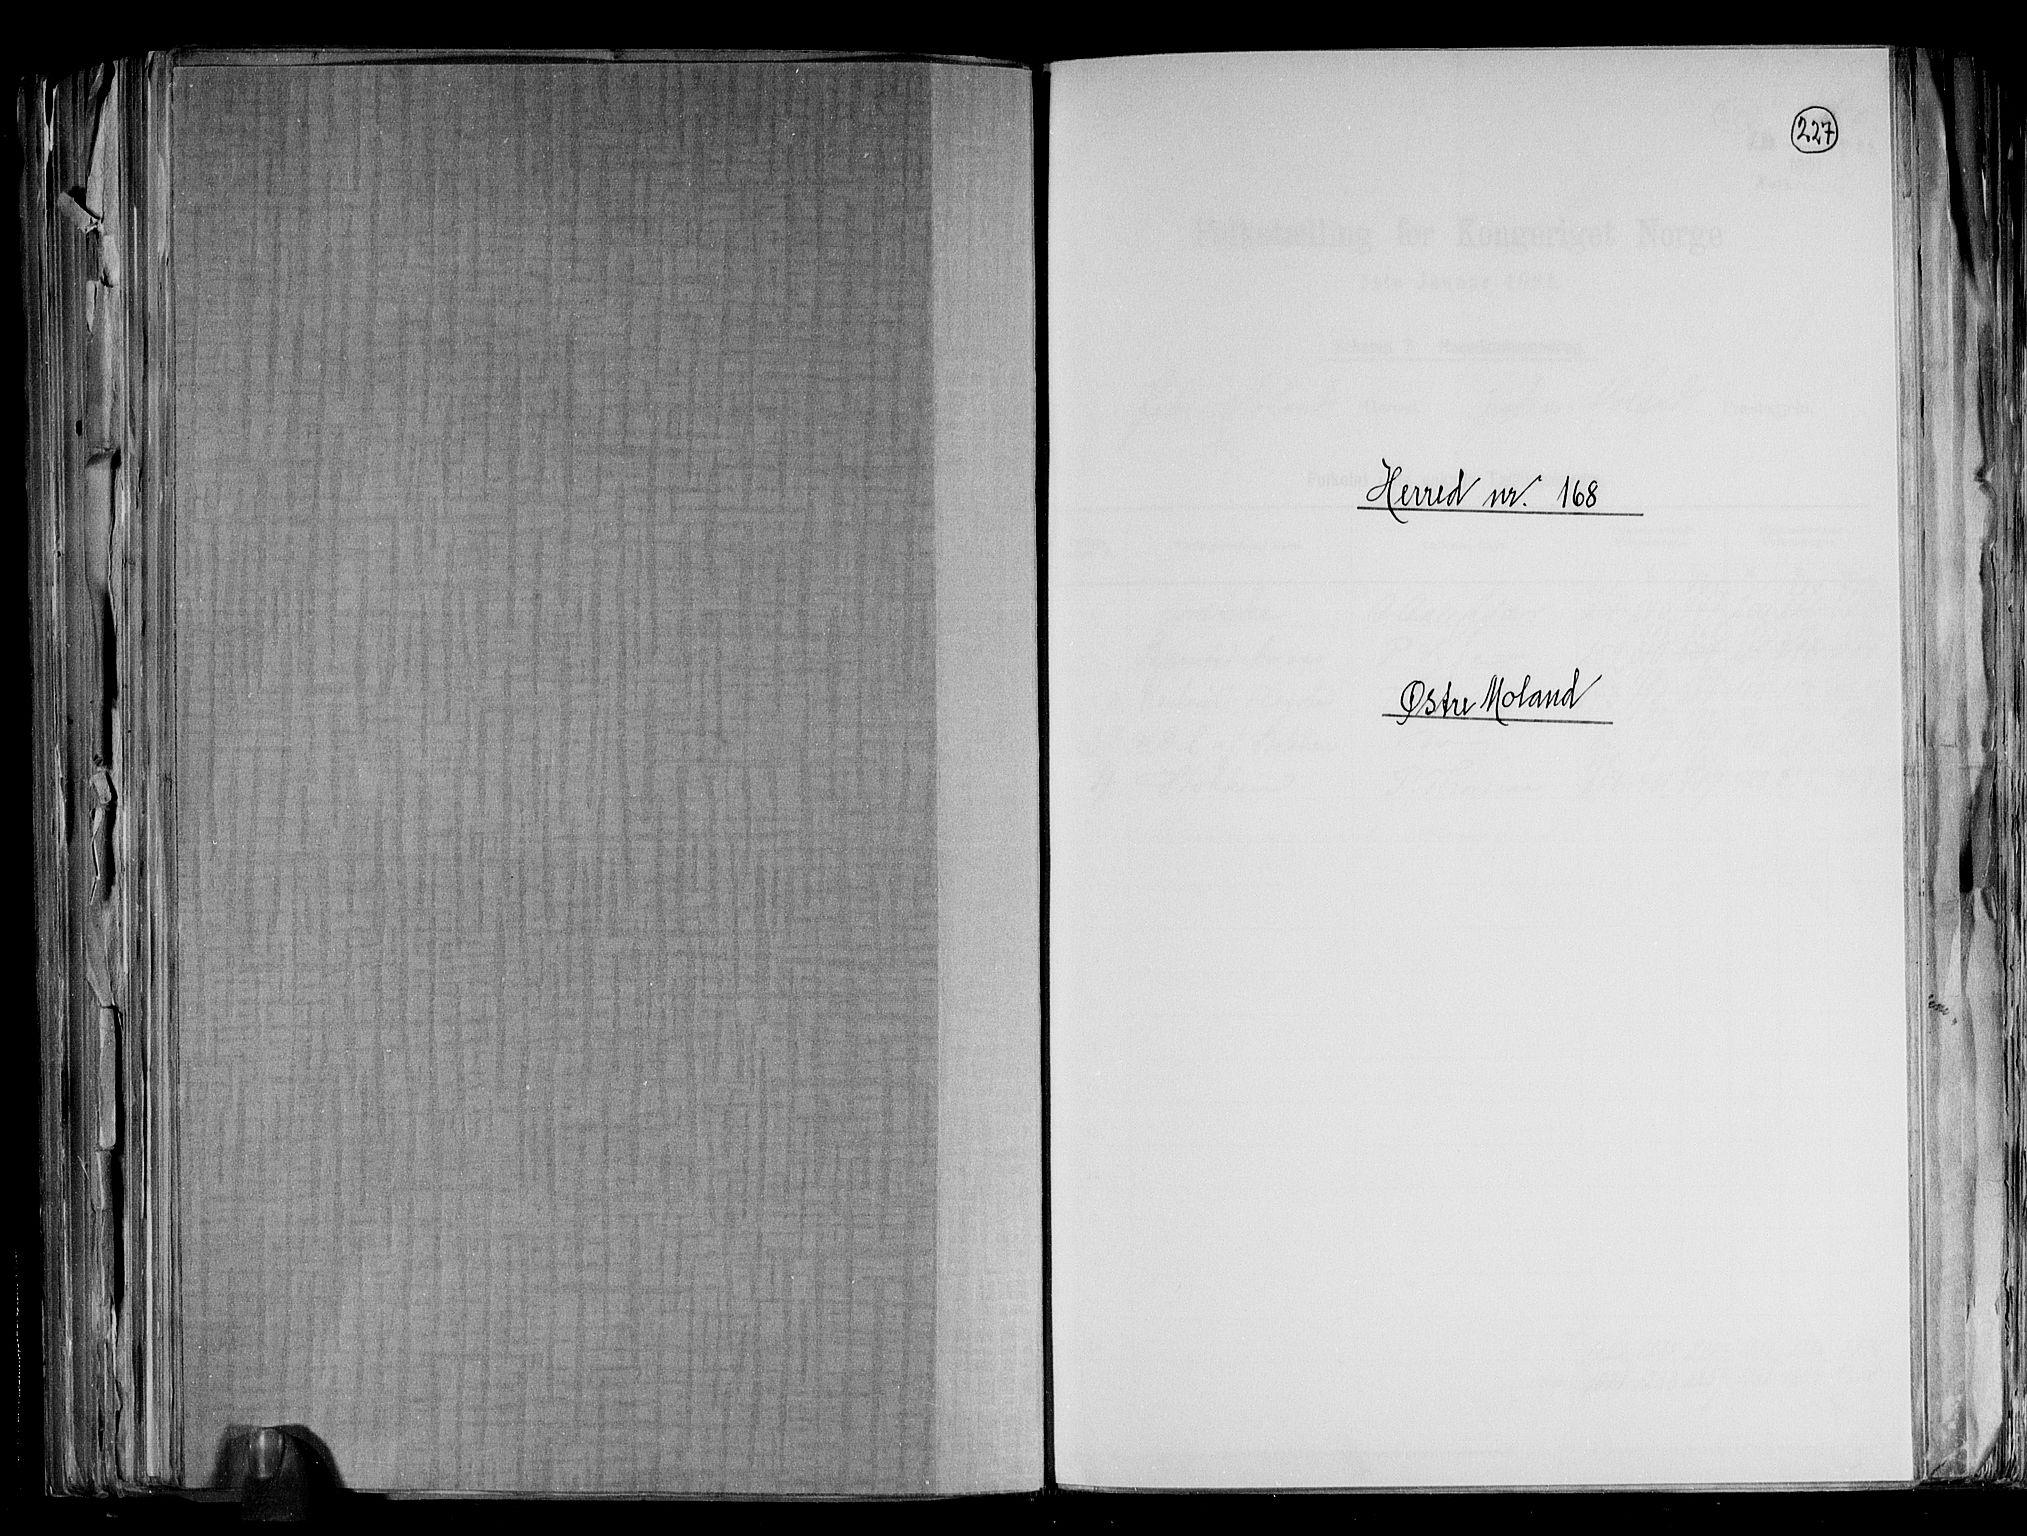 RA, Folketelling 1891 for 0918 Austre Moland herred, 1891, s. 1